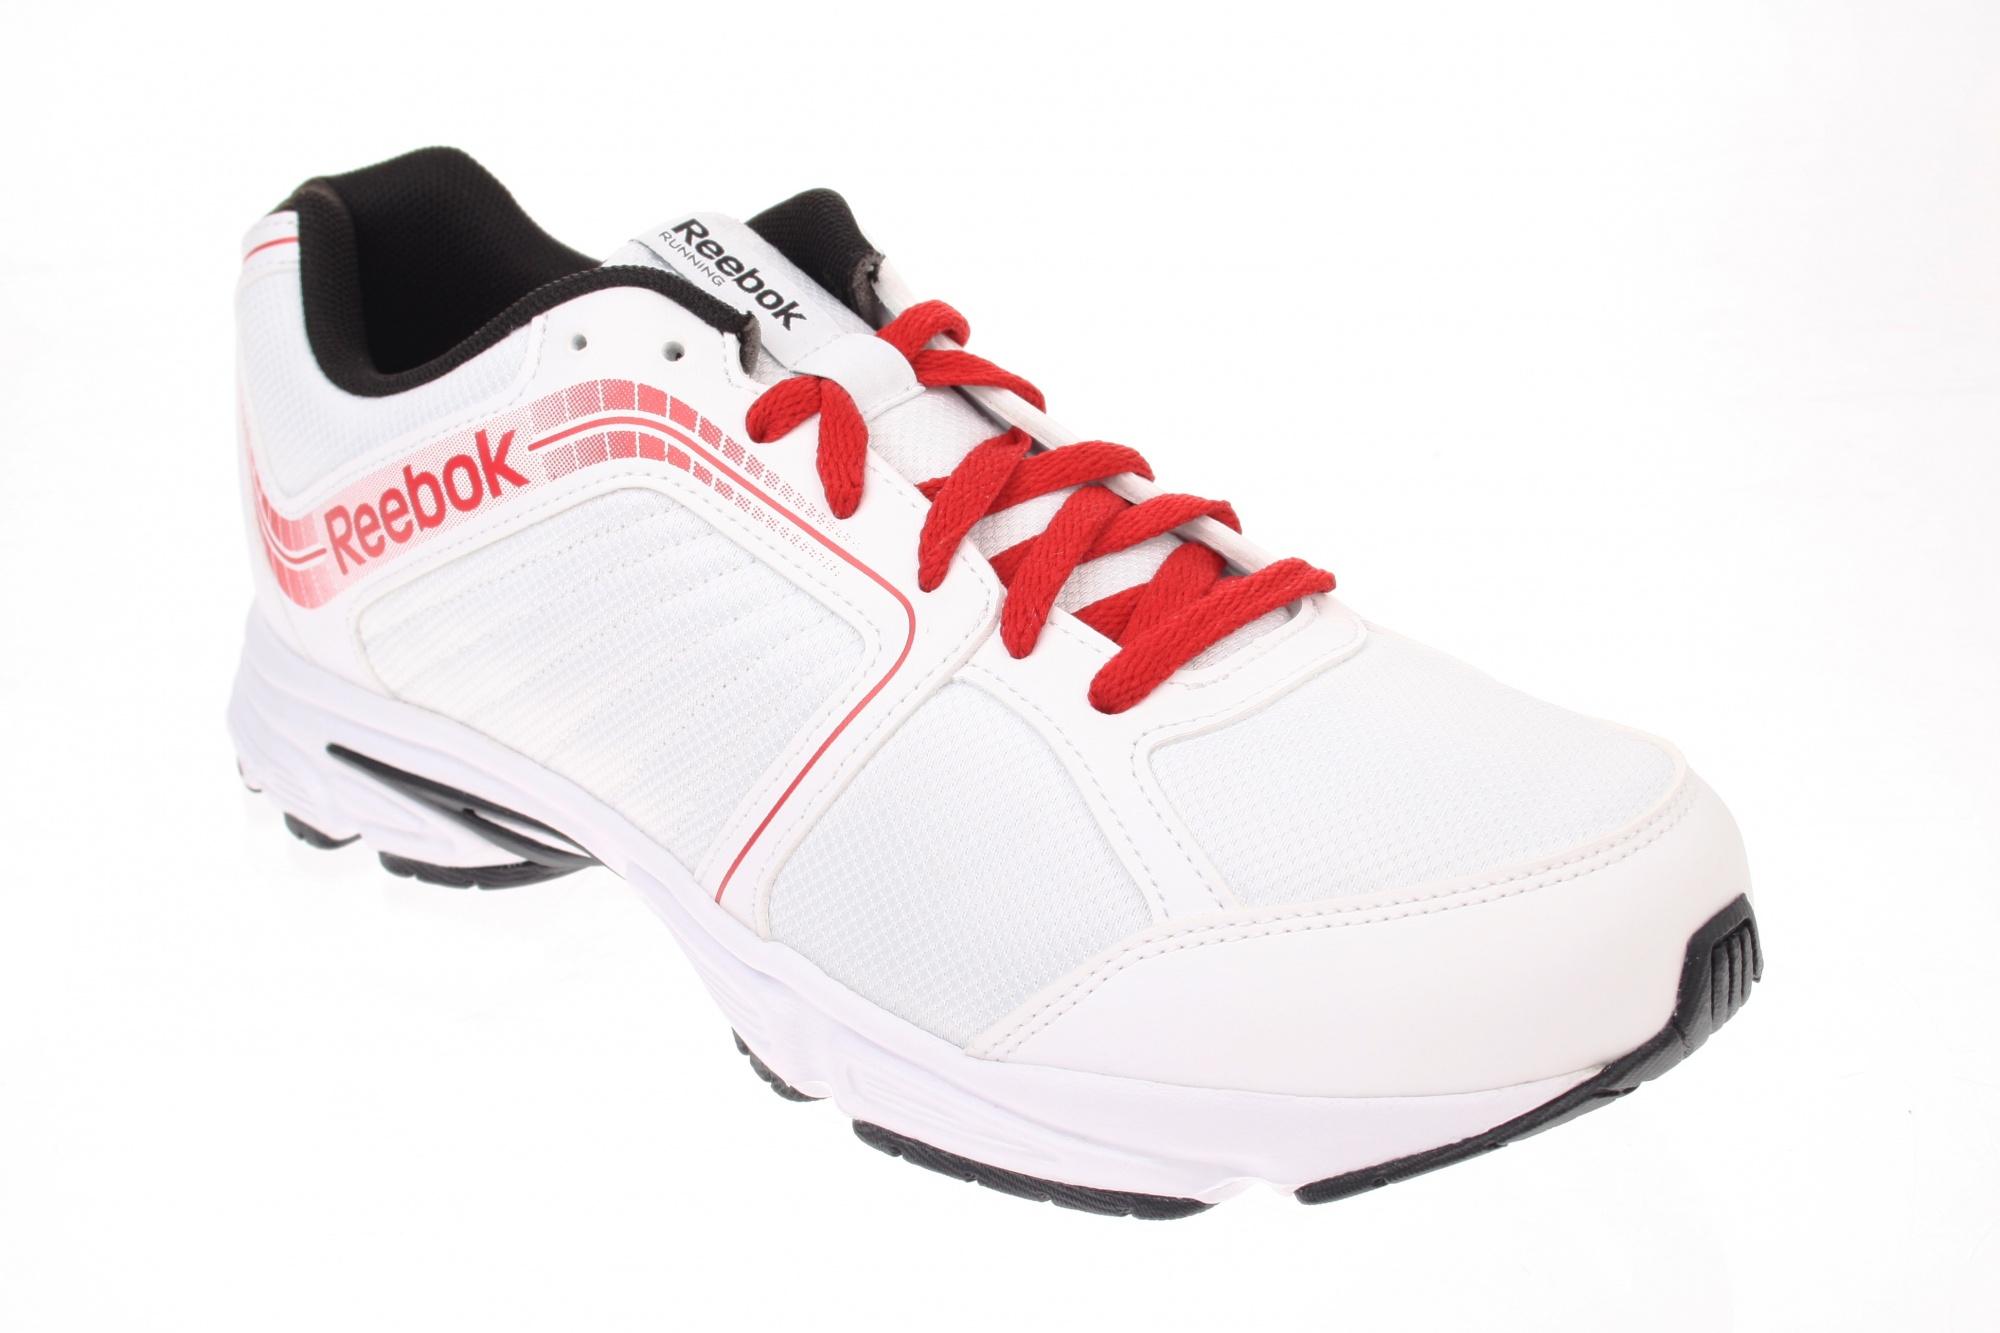 Reebok Runningshoe Tranz Runner RS 2.0 white red Internet